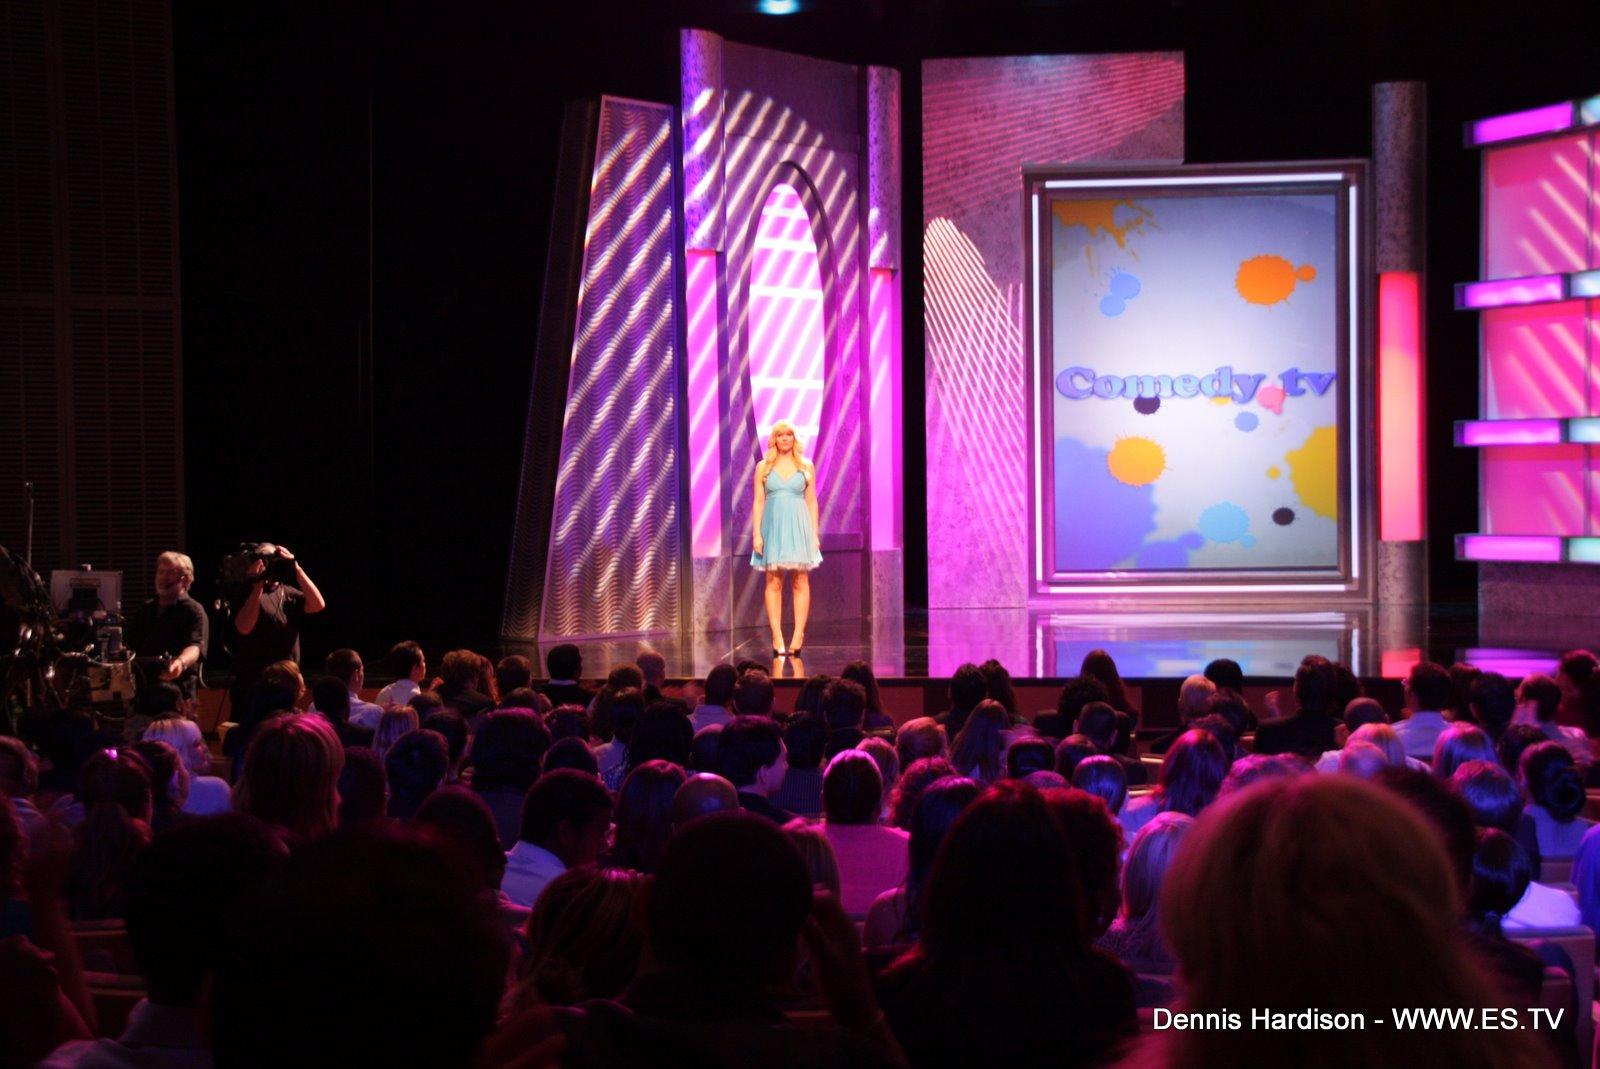 Melinda Hill hosting ComedyTV series 2009.